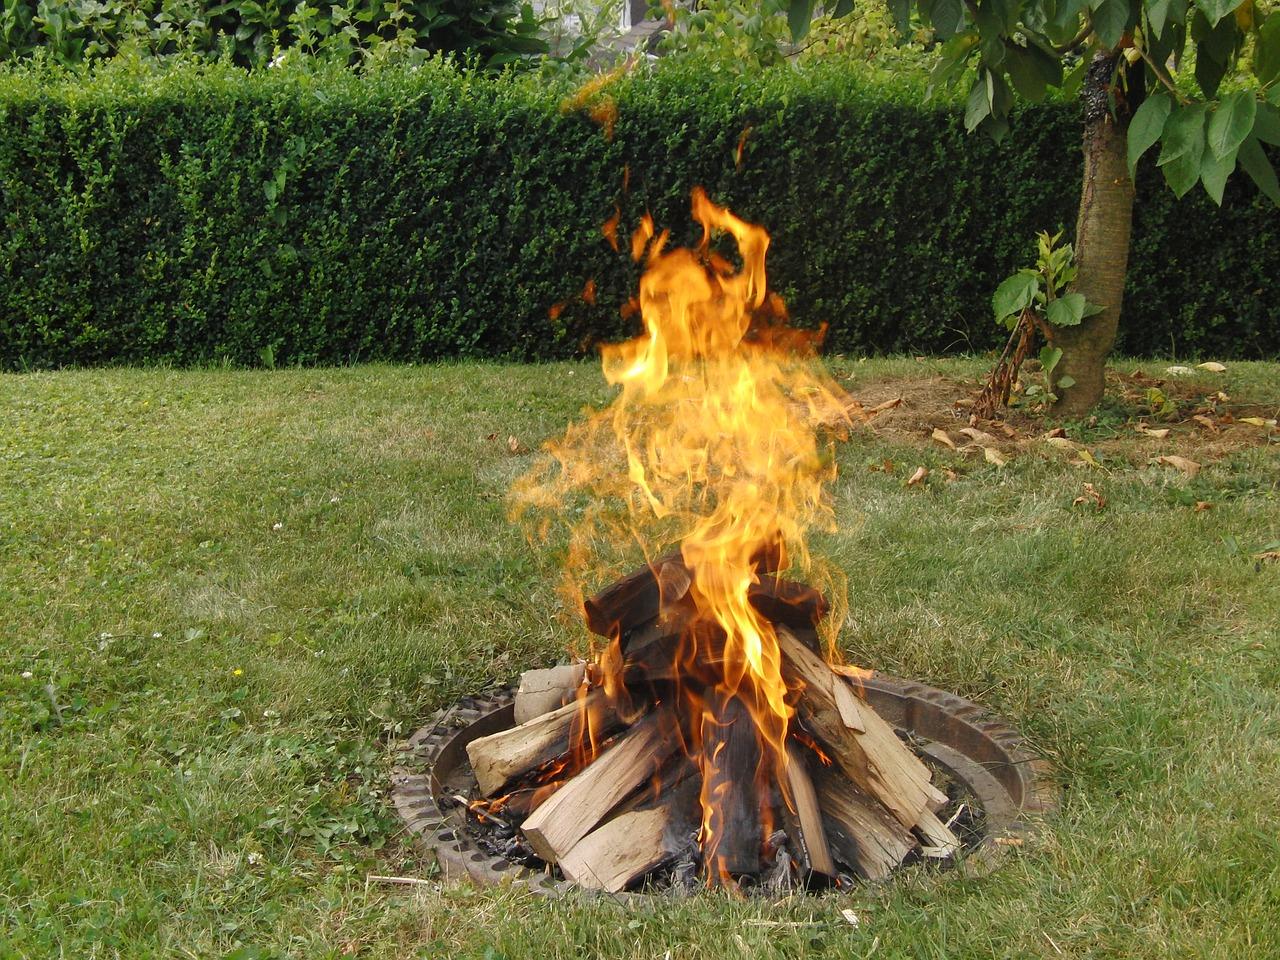 Garten Feuer Lagerfeuer Rasen Wiese